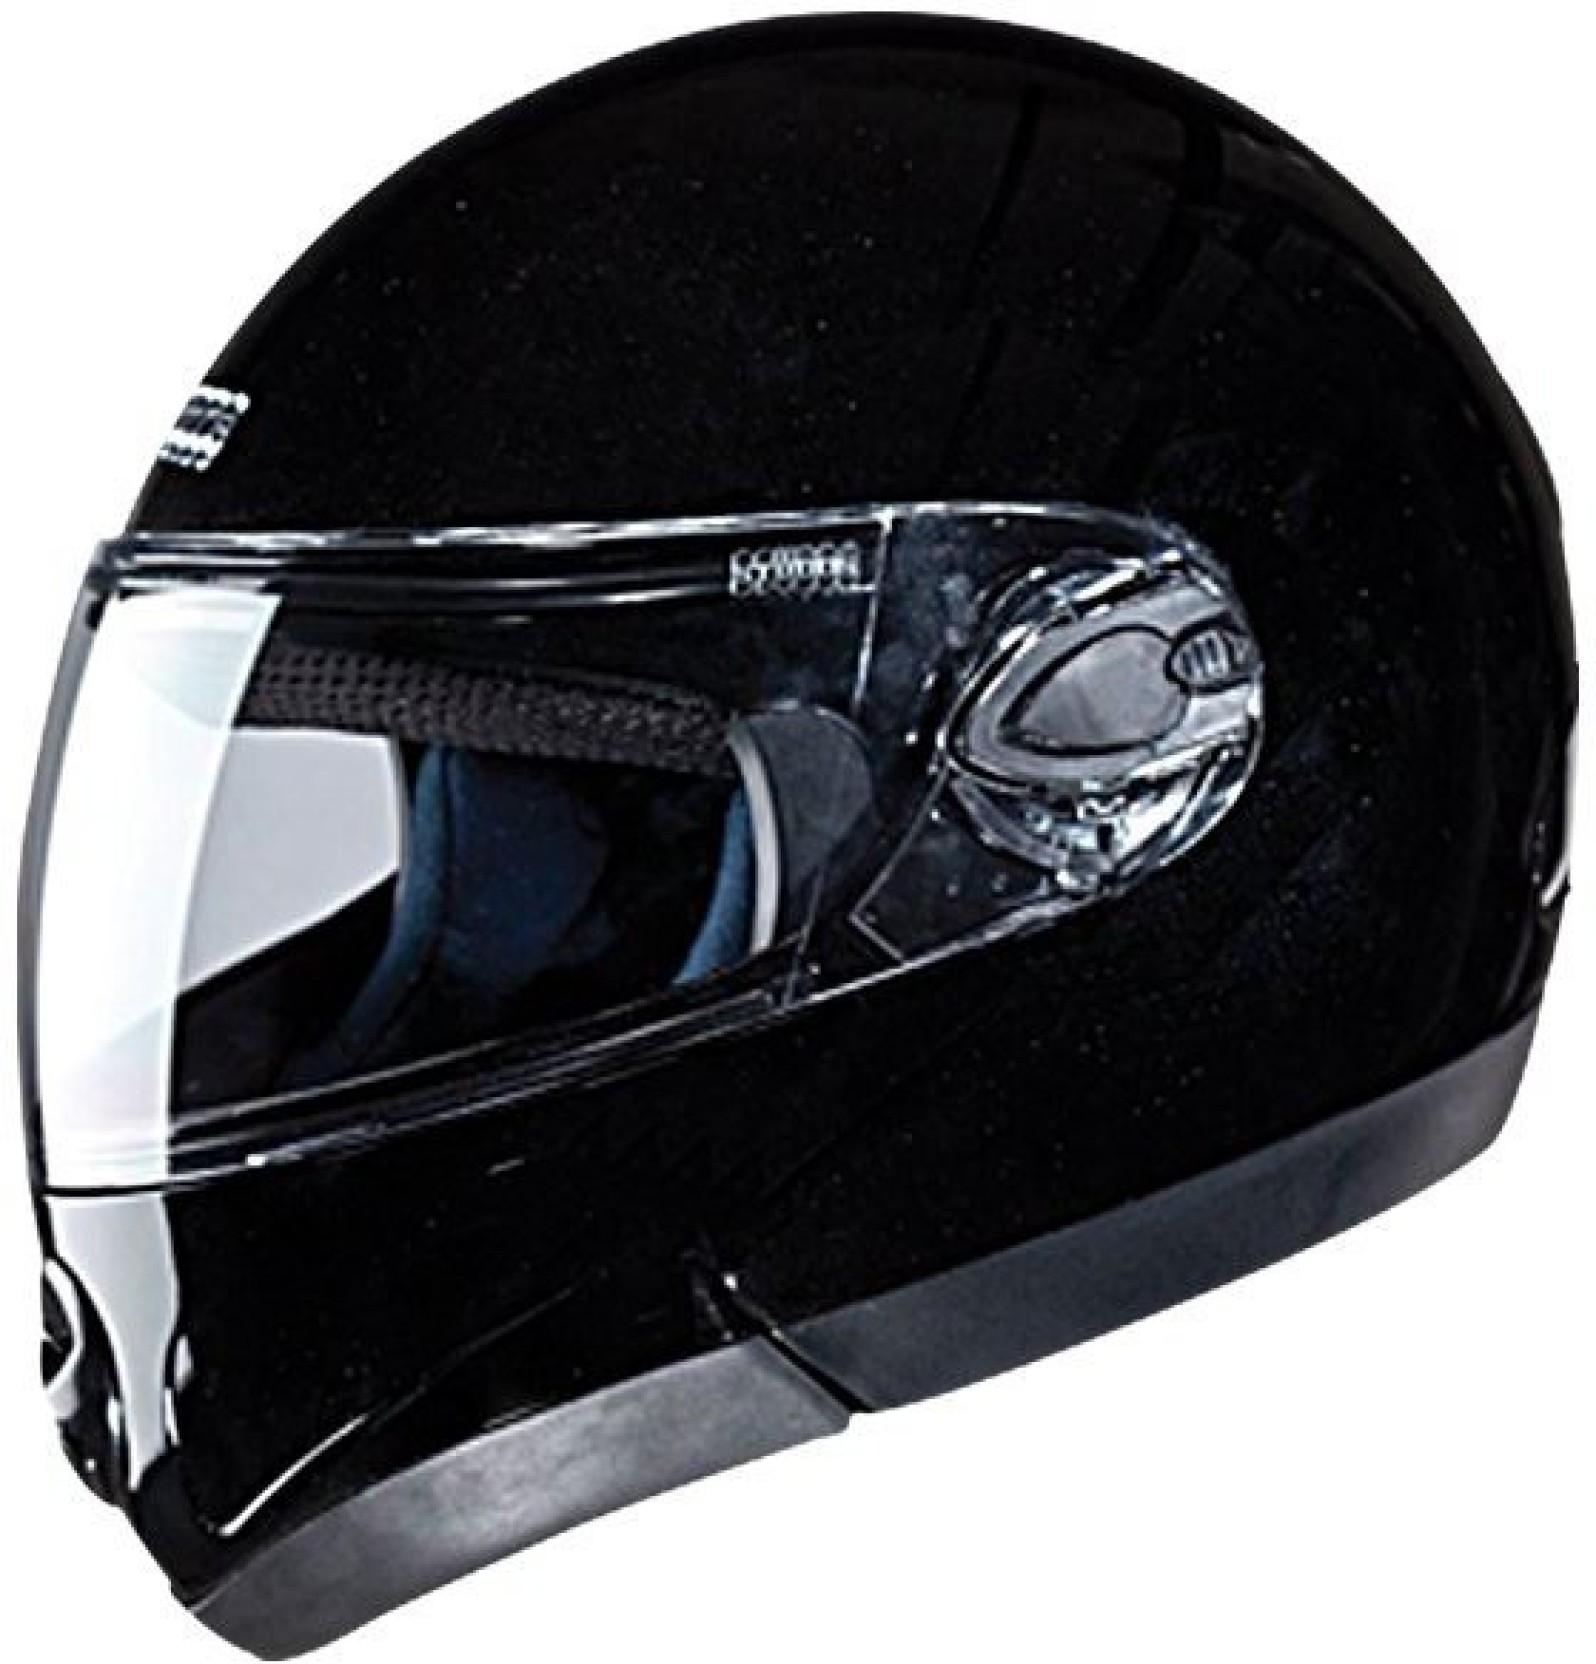 6f7a01a8 Studds Helmet Online Shopping Flipkart